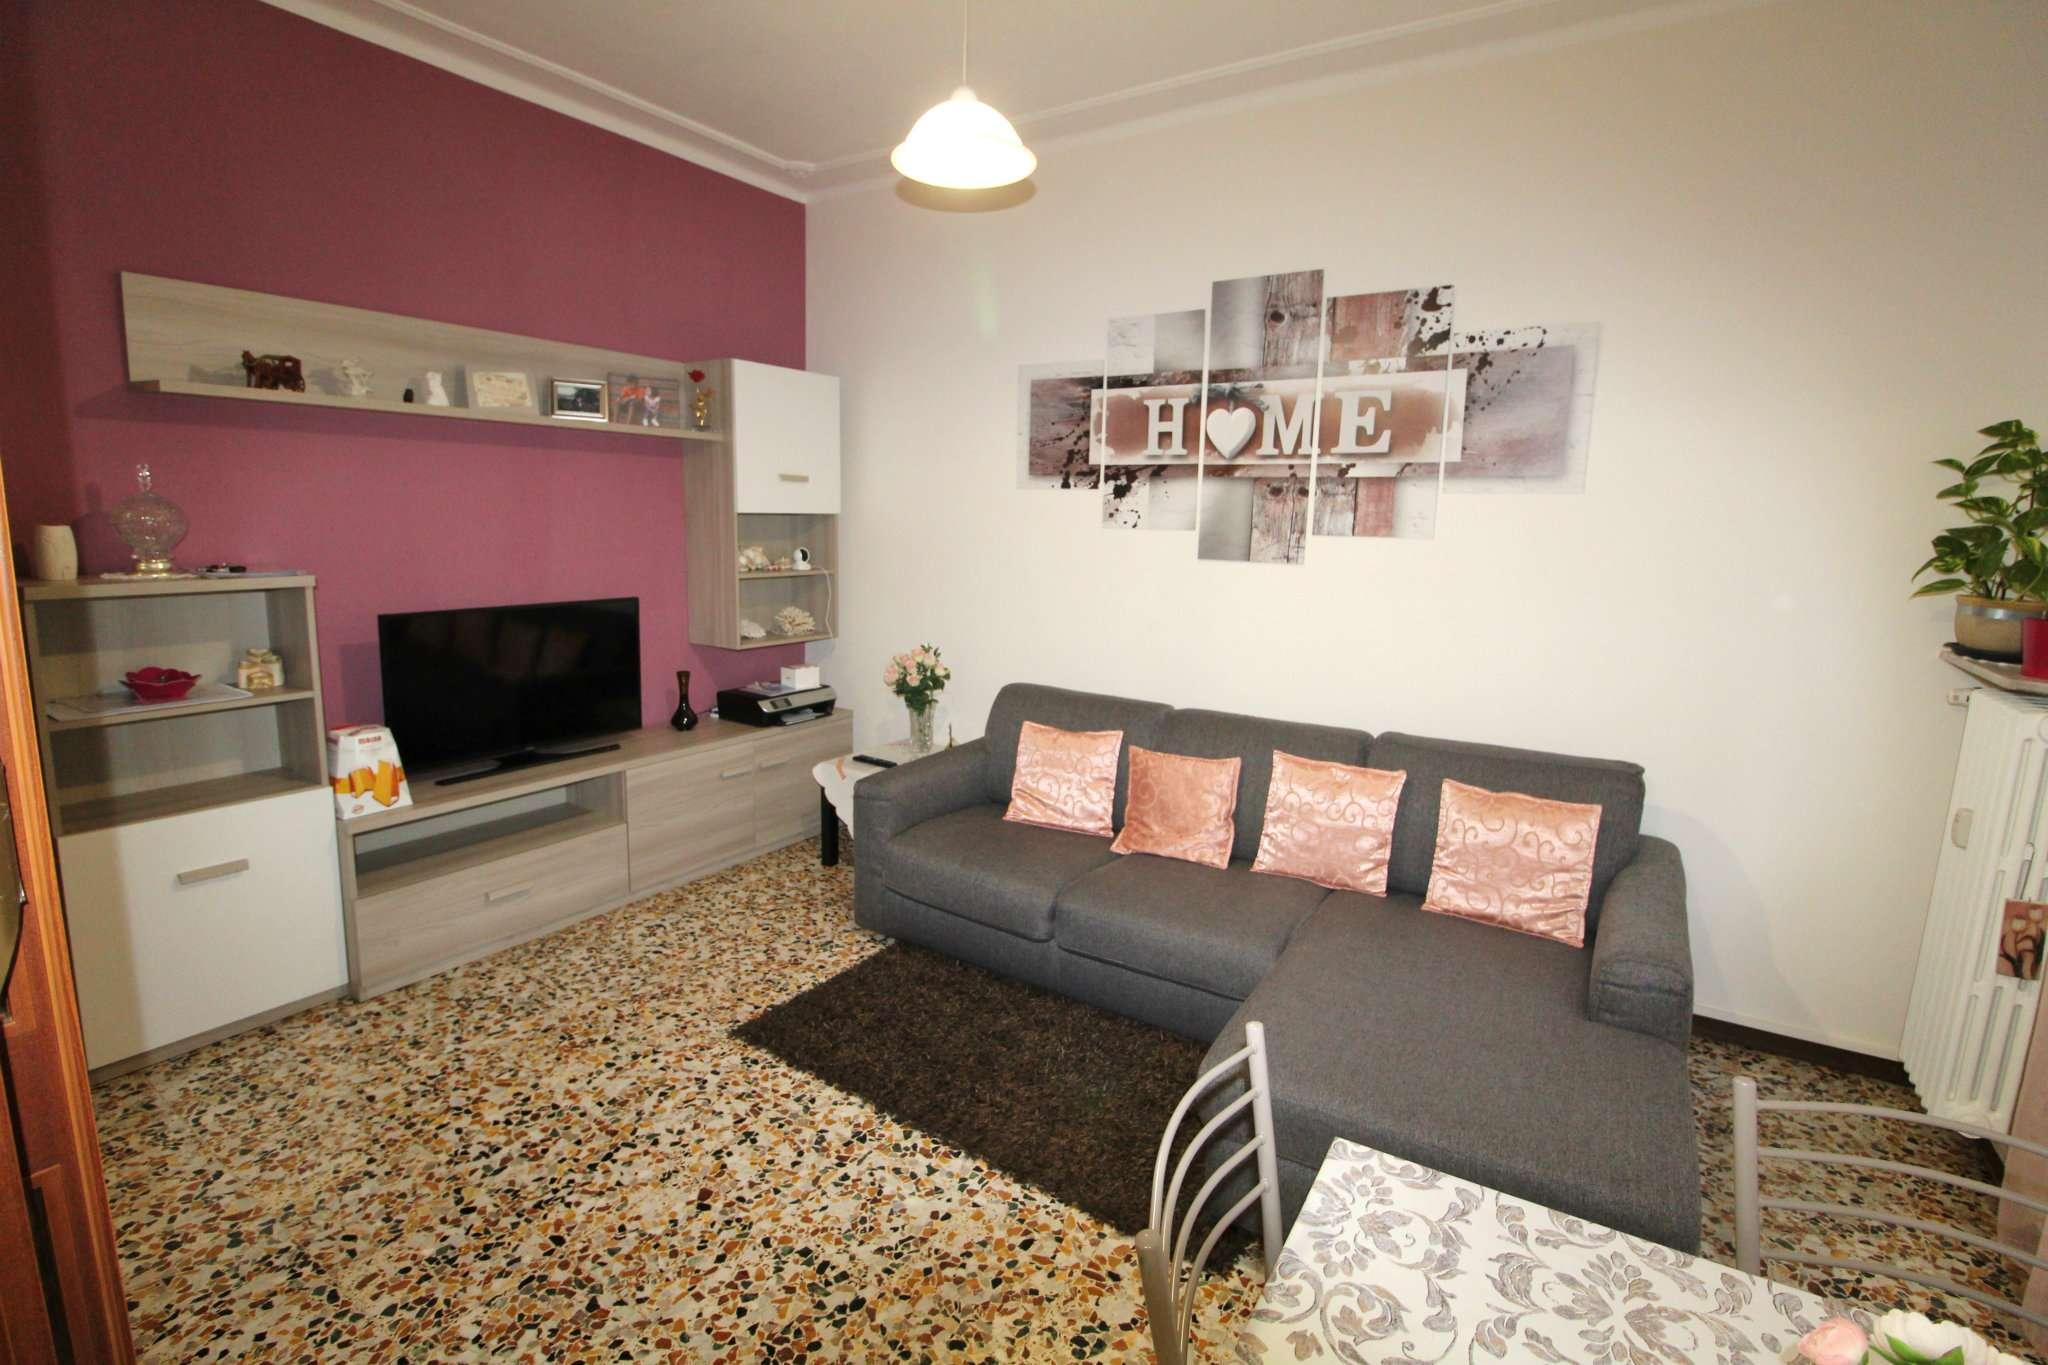 Appartamento in vendita a None, 2 locali, prezzo € 85.000 | CambioCasa.it